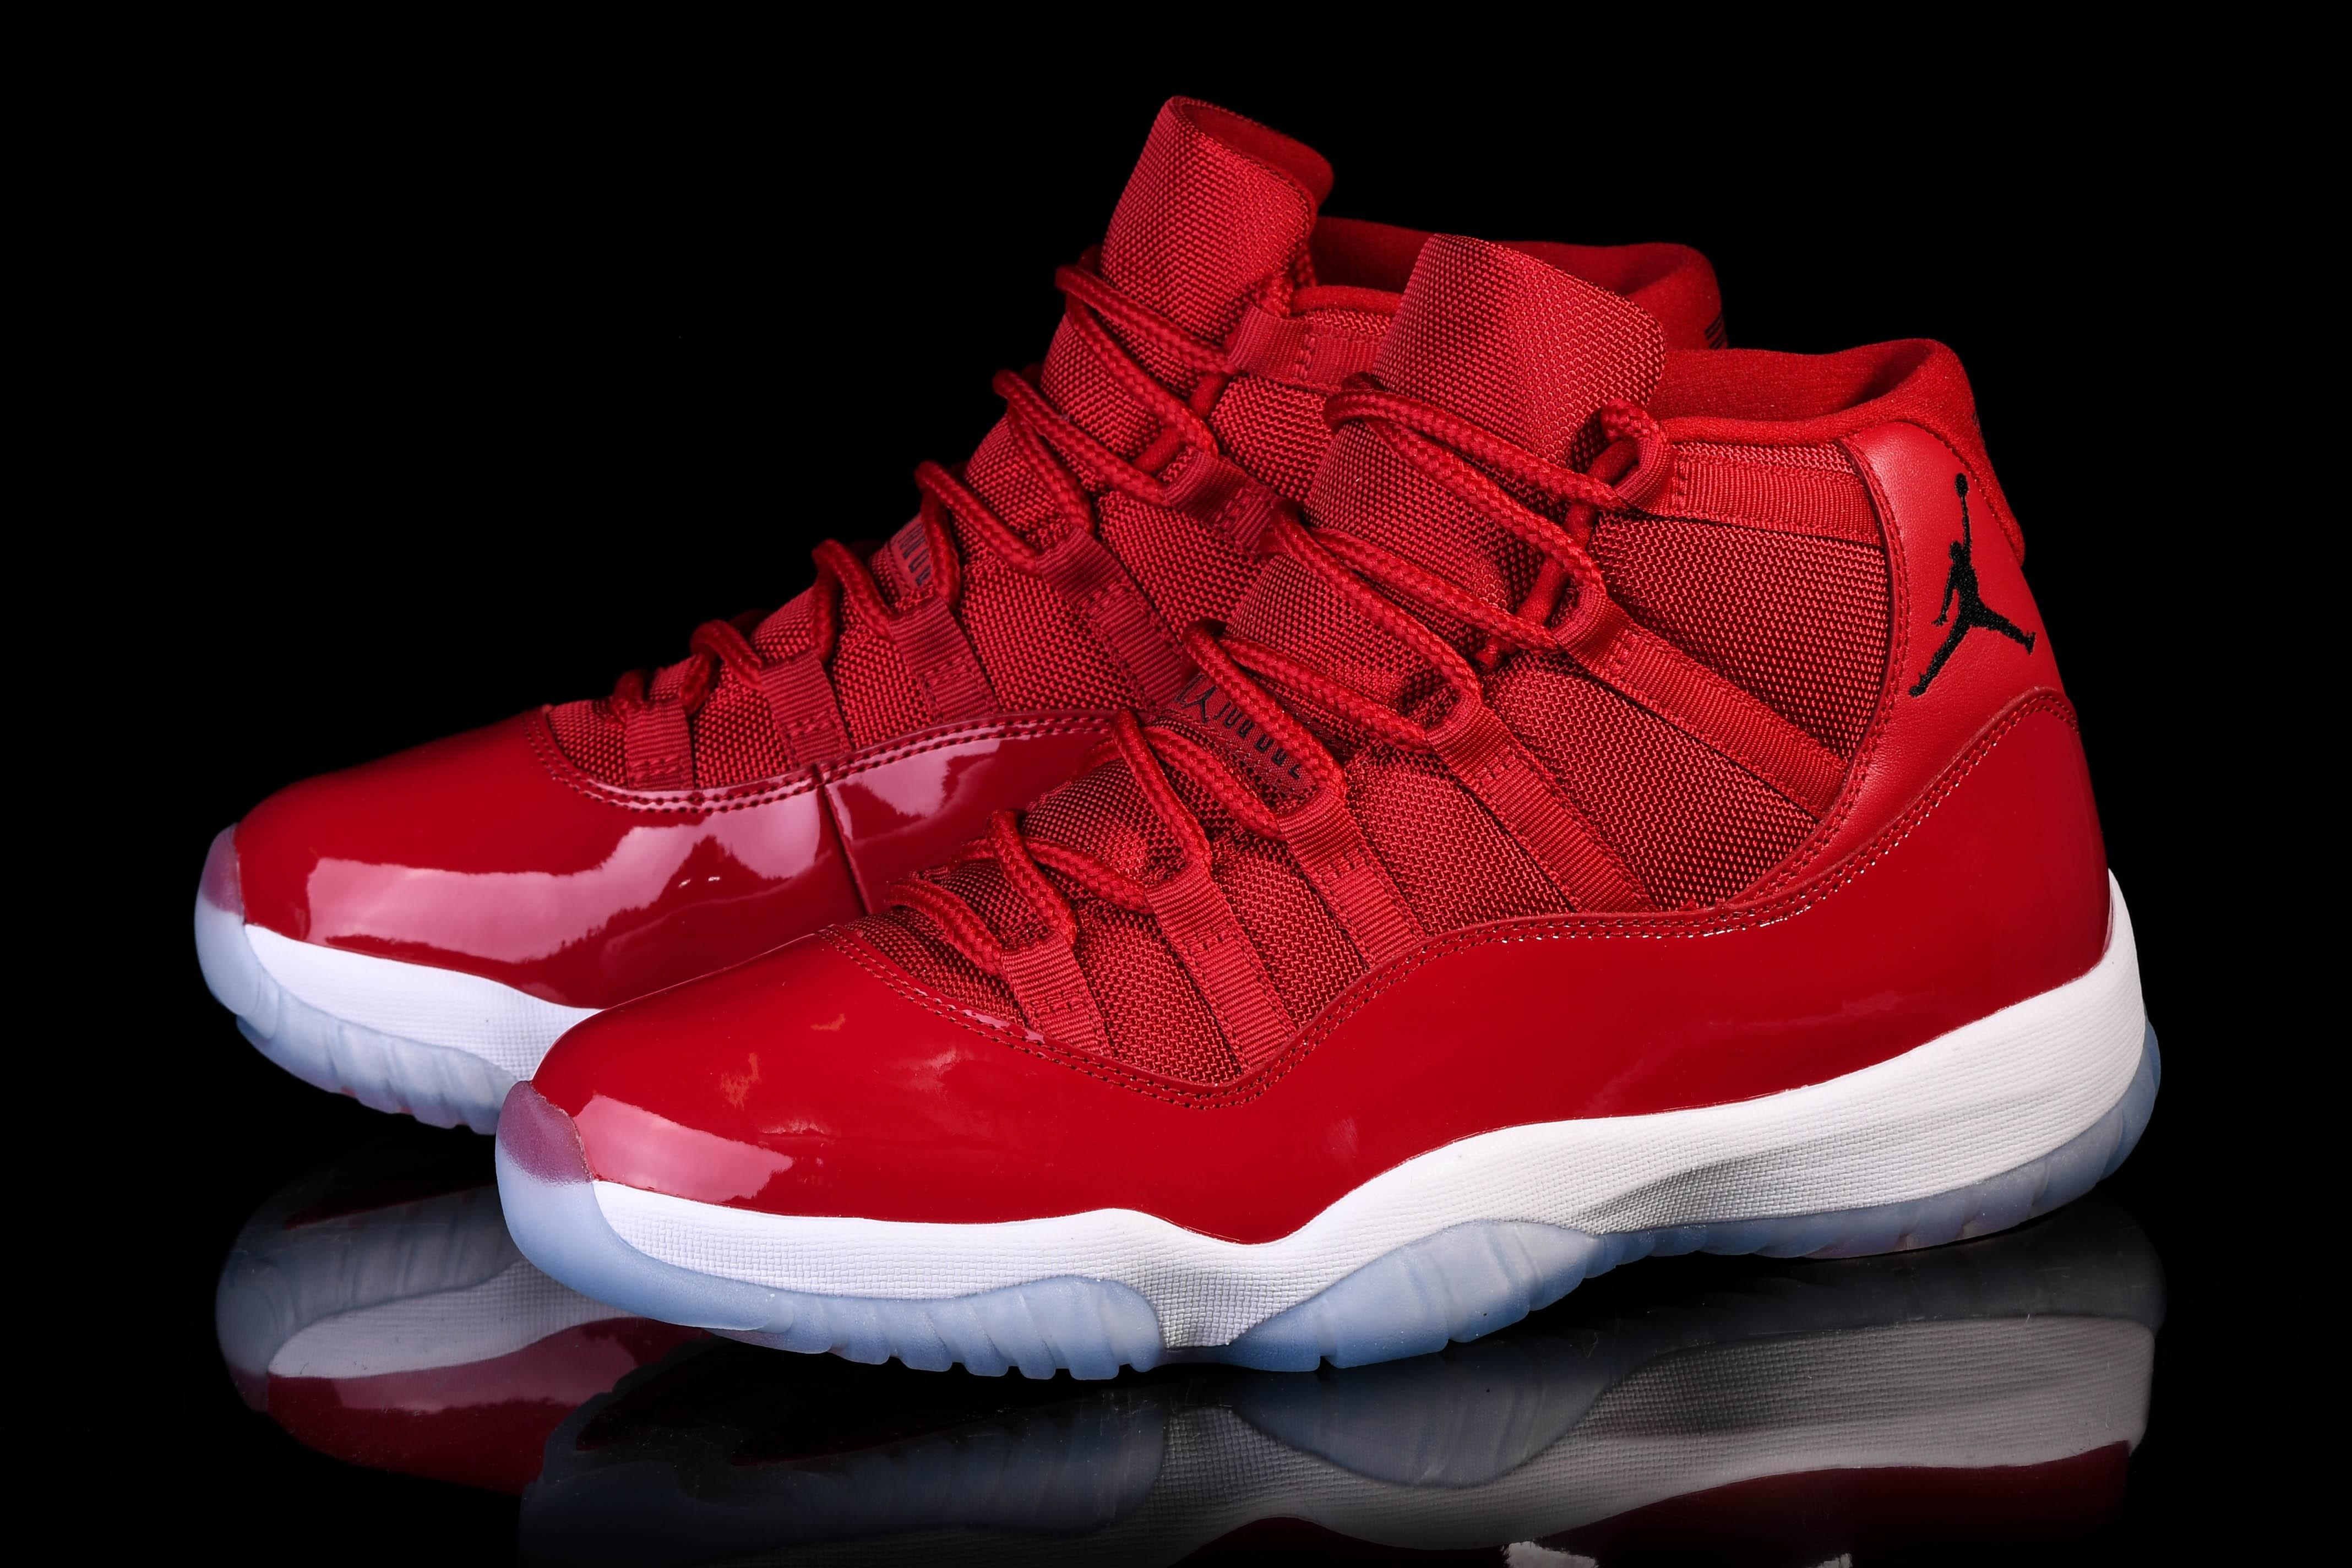 Nike Jordan 11 Retro Win Like 96